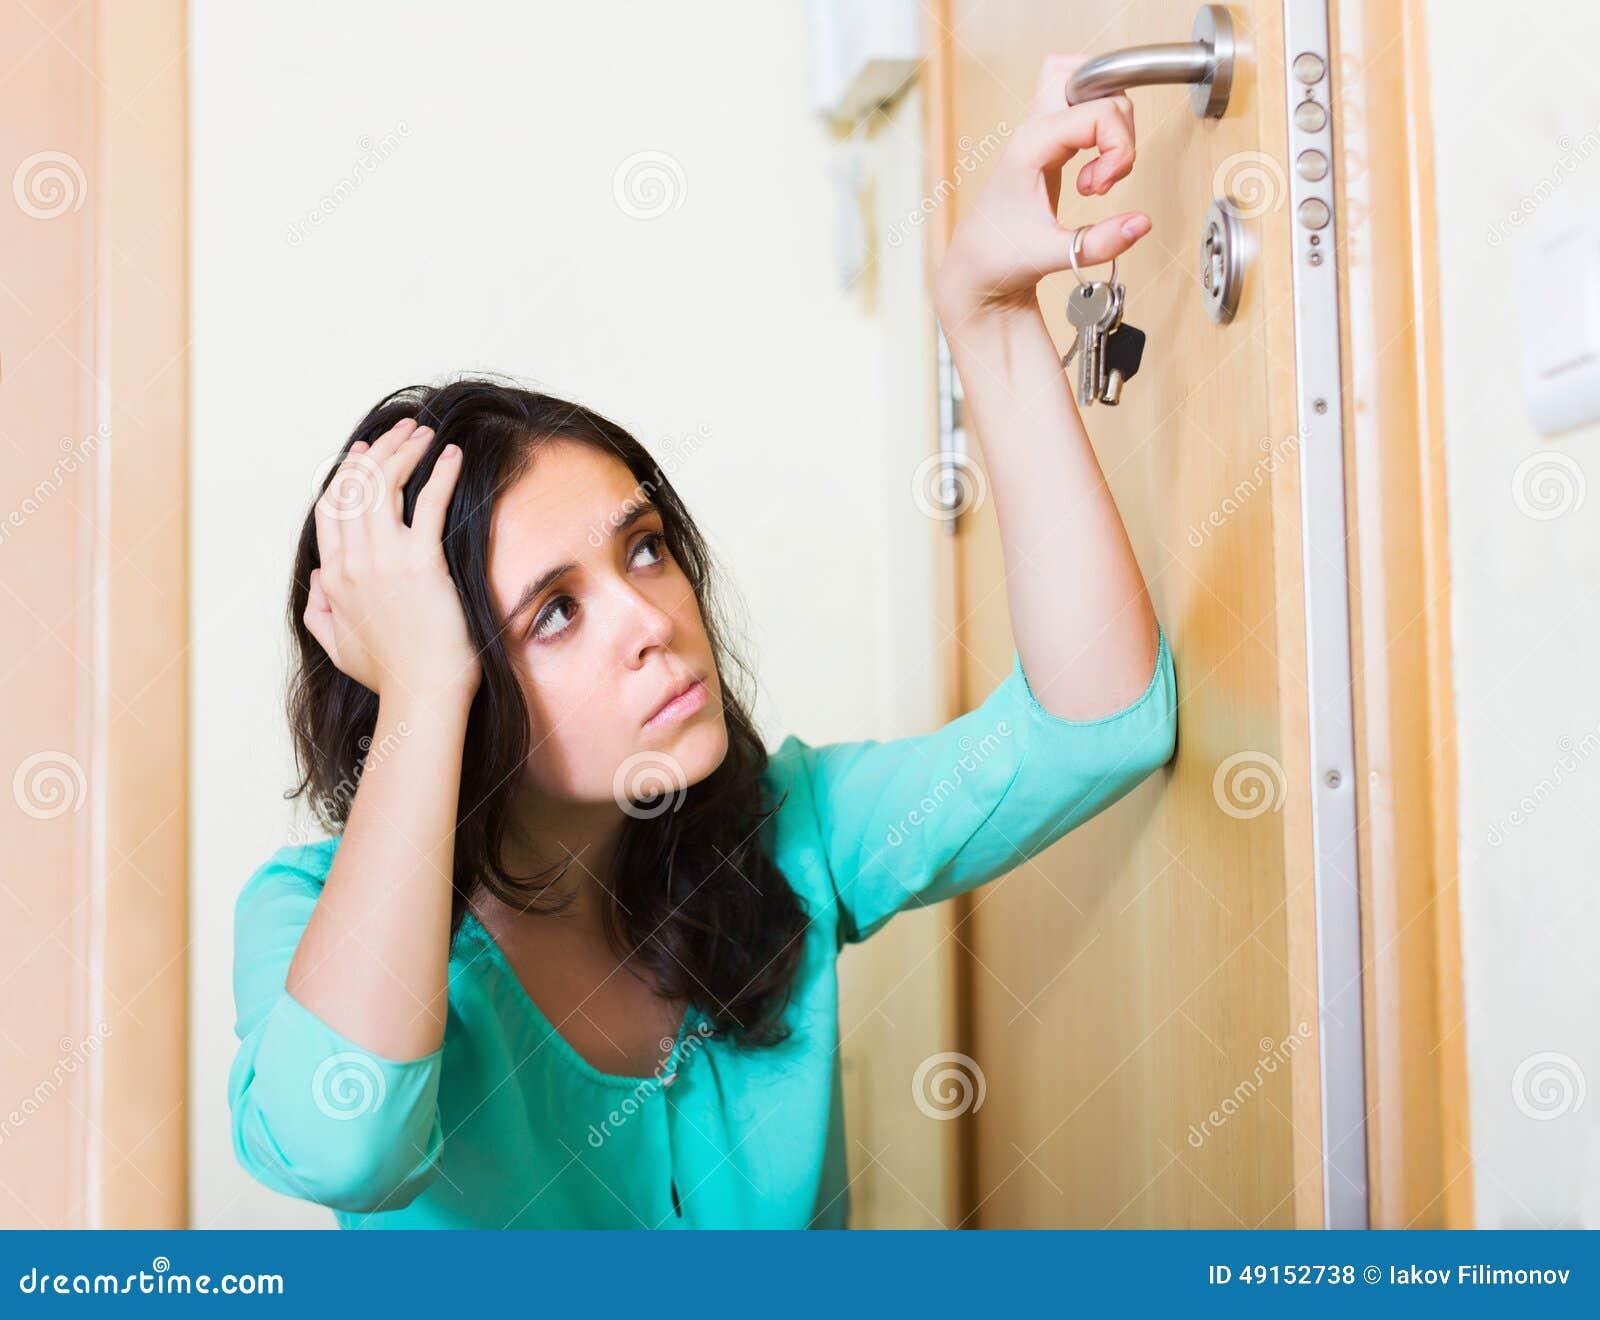 Woman trying to lock door